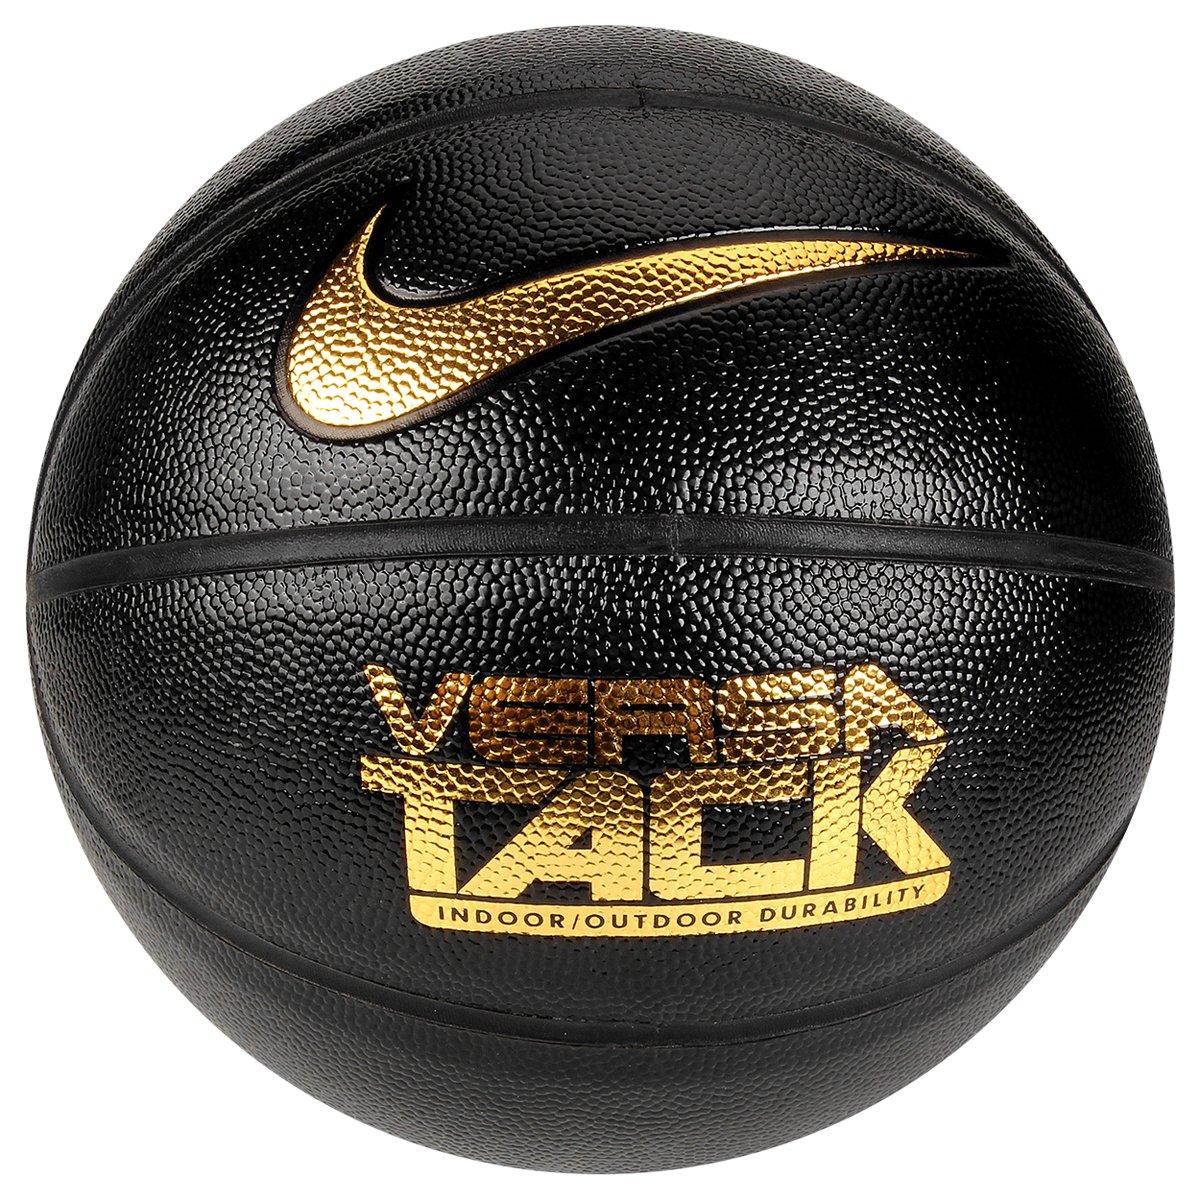 Bola Basquete Nike Versa Tack 7 - Compre Agora  d074917bcb1ca